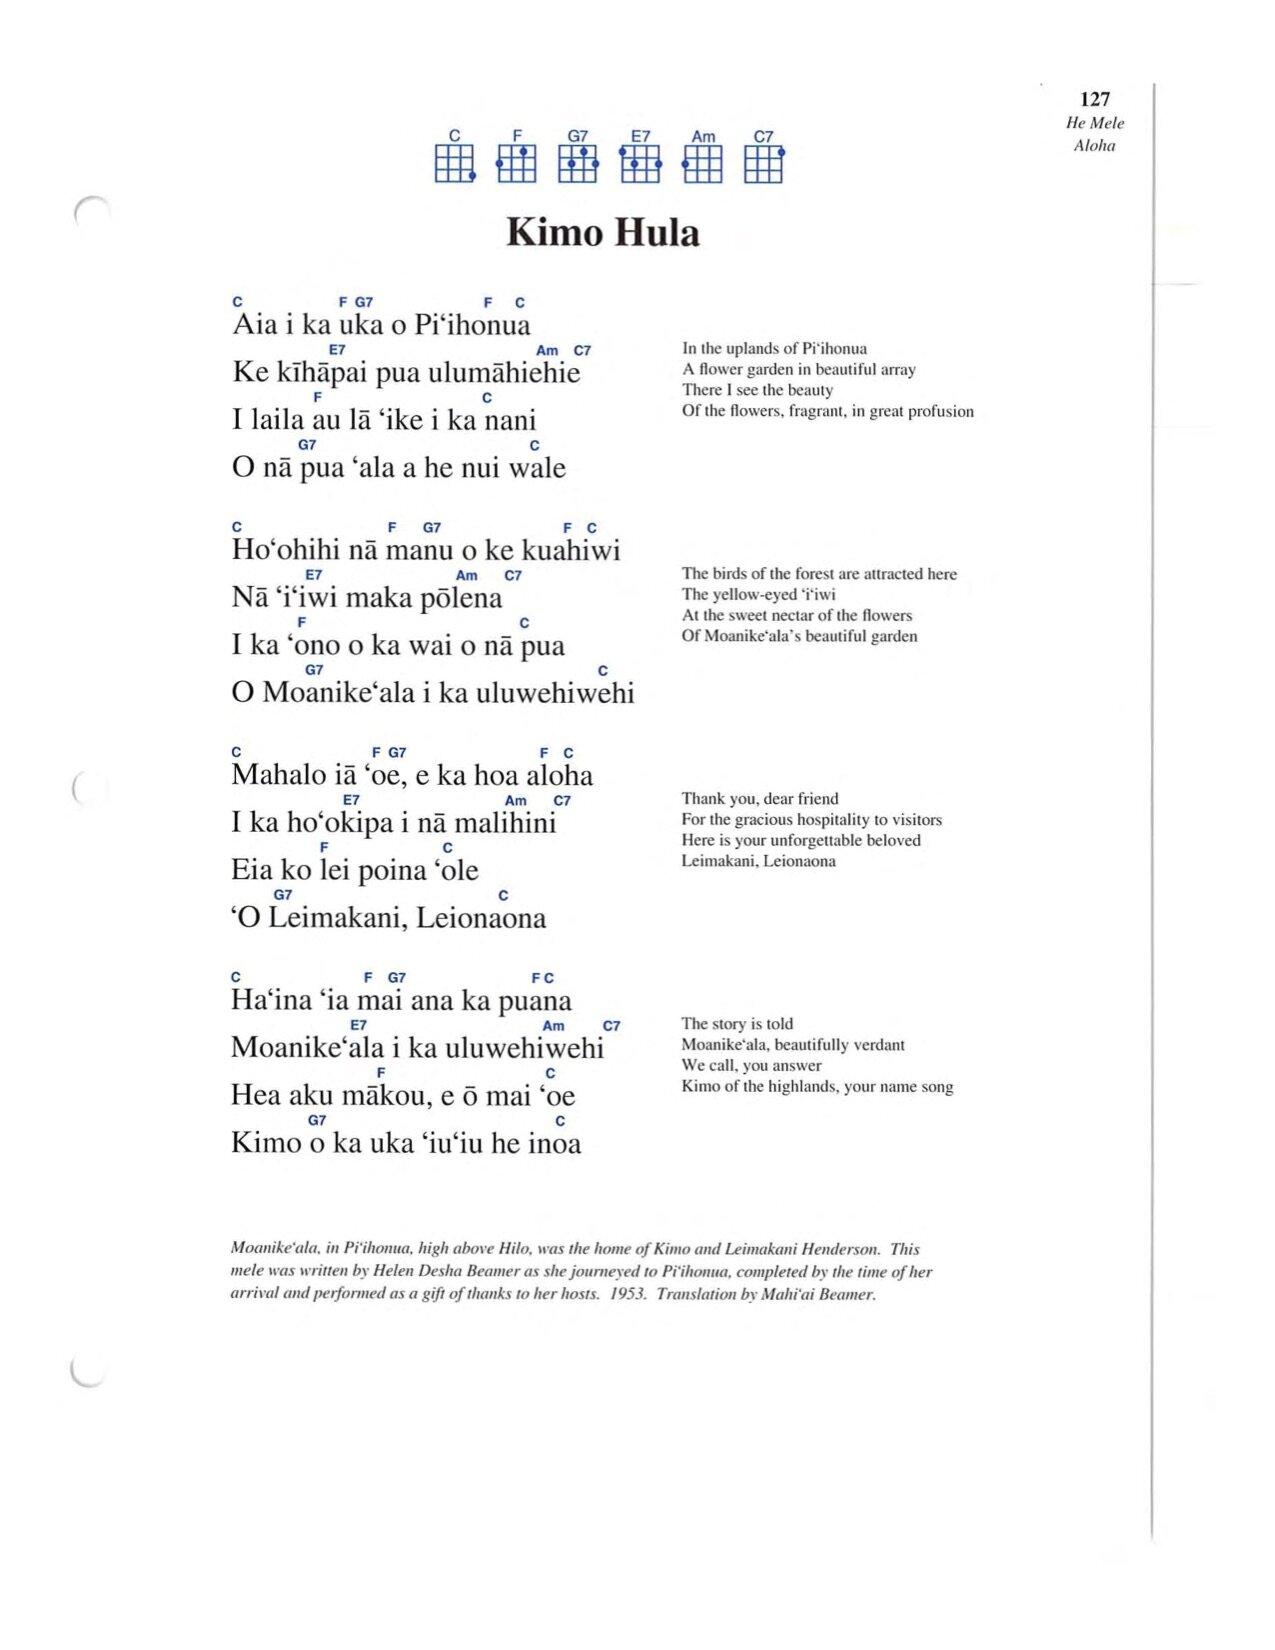 127-Kimo-Hula.jpg